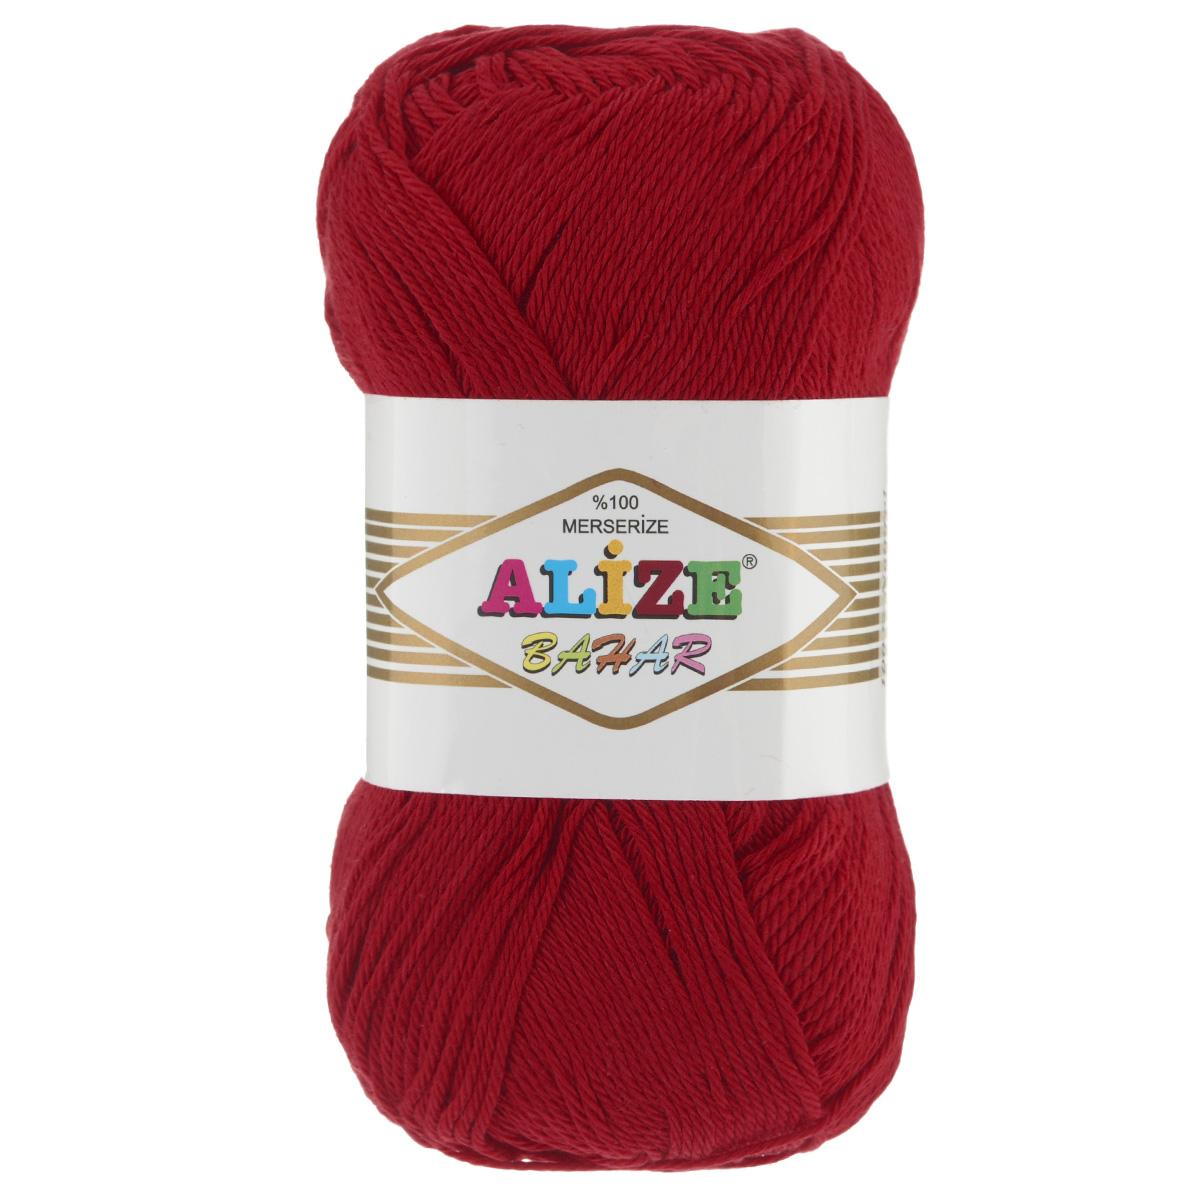 Пряжа для вязания Alize Bahar, цвет: красный (56), 260 м, 100 г, 5 шт364089_56Пряжа Alize Bahar подходит для ручного вязания детям и взрослым. Пряжа однотонная, приятная на ощупь, хорошо лежит в полотне. Изделия из такой нити получаются мягкие и красивые. Рекомендованные спицы 3-5 мм и крючок для вязания 2-4 мм. Комплектация: 5 мотков. Состав: 100% хлопок.